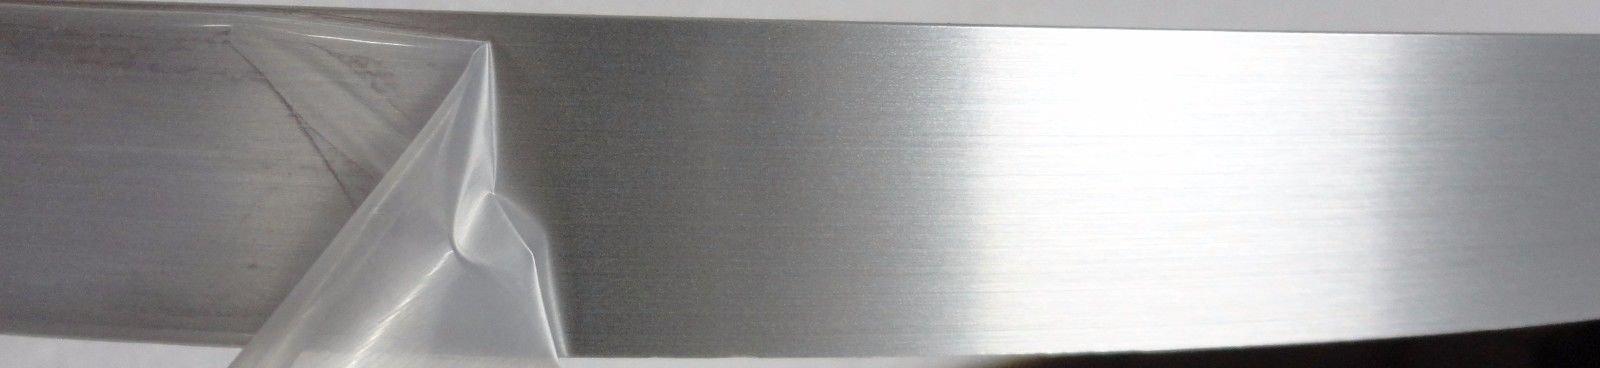 Brushed Aluminum PVC edgebanding 15/16'' x 120'' with no adhesive on PVC backing